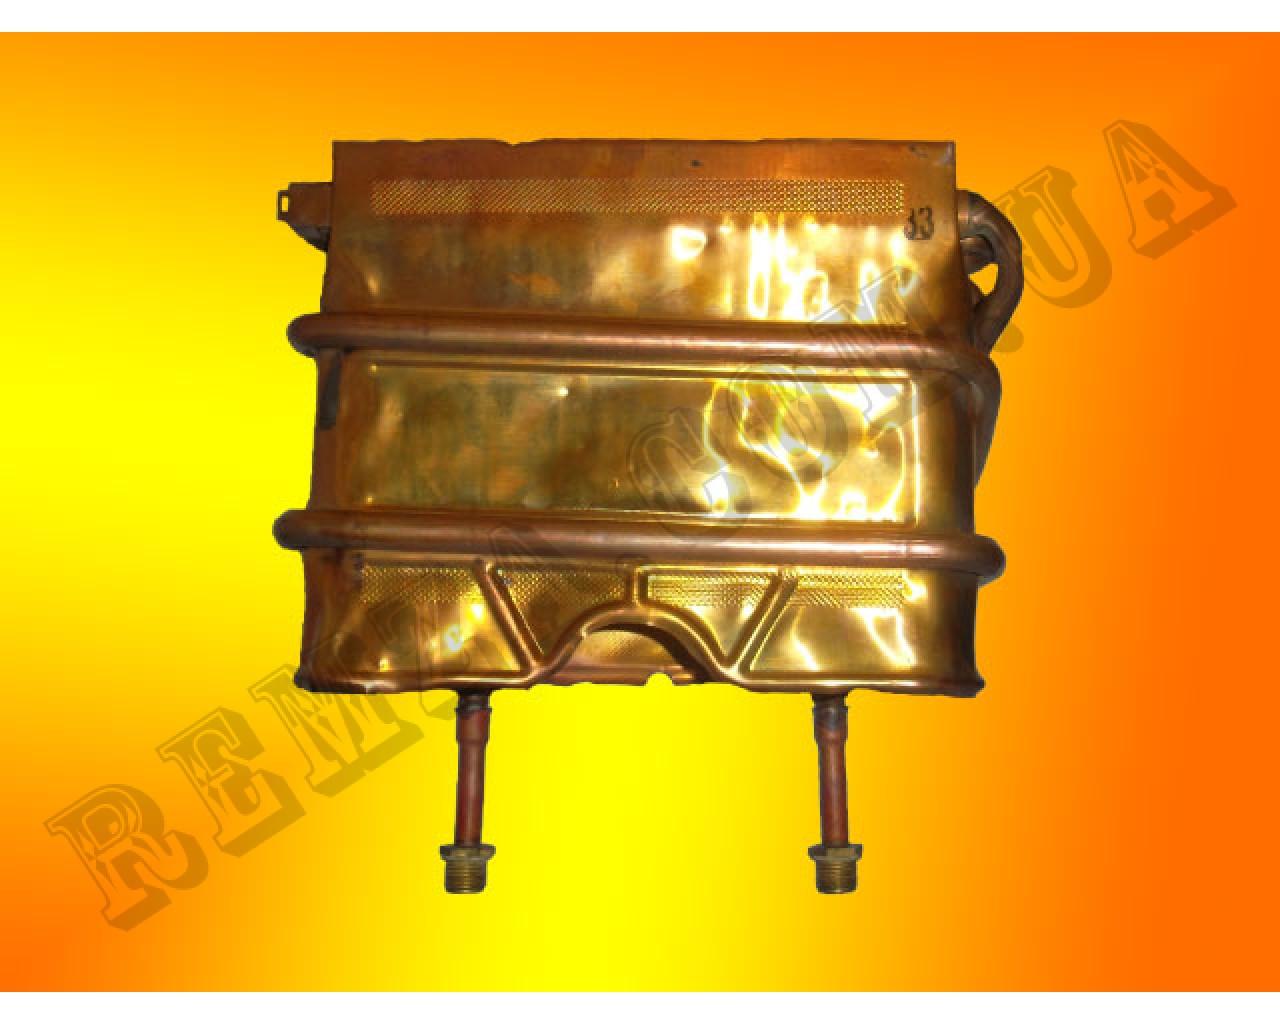 Теплообменник для юнкерса купить Кожухотрубный испаритель WTK QCE 393 Артём